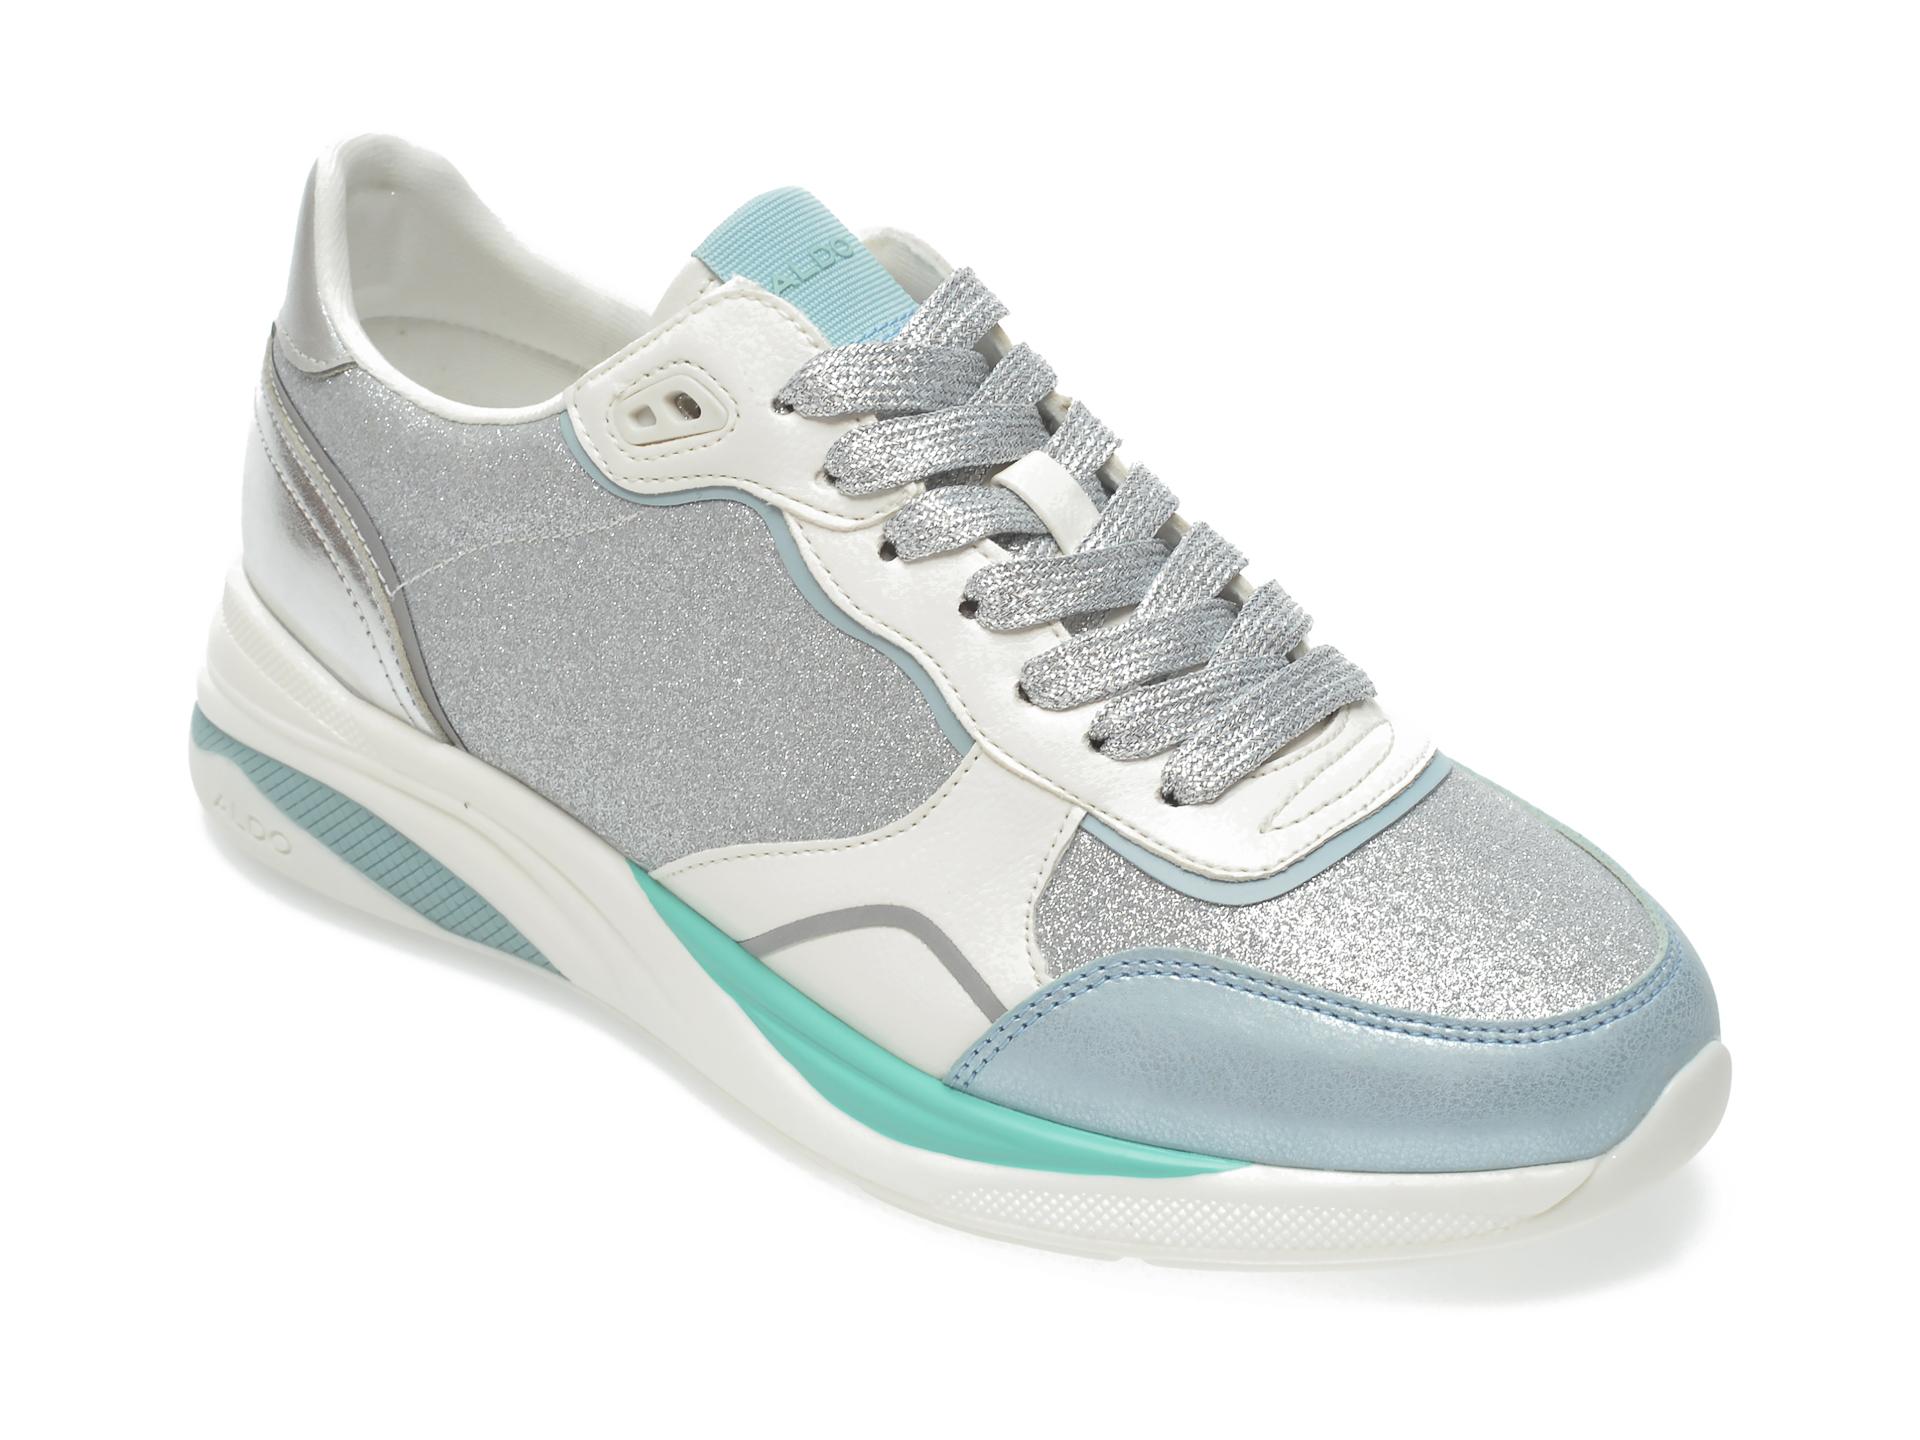 Pantofi sport ALDO argintii, Makenna040, din piele ecologica imagine 2021 Aldo